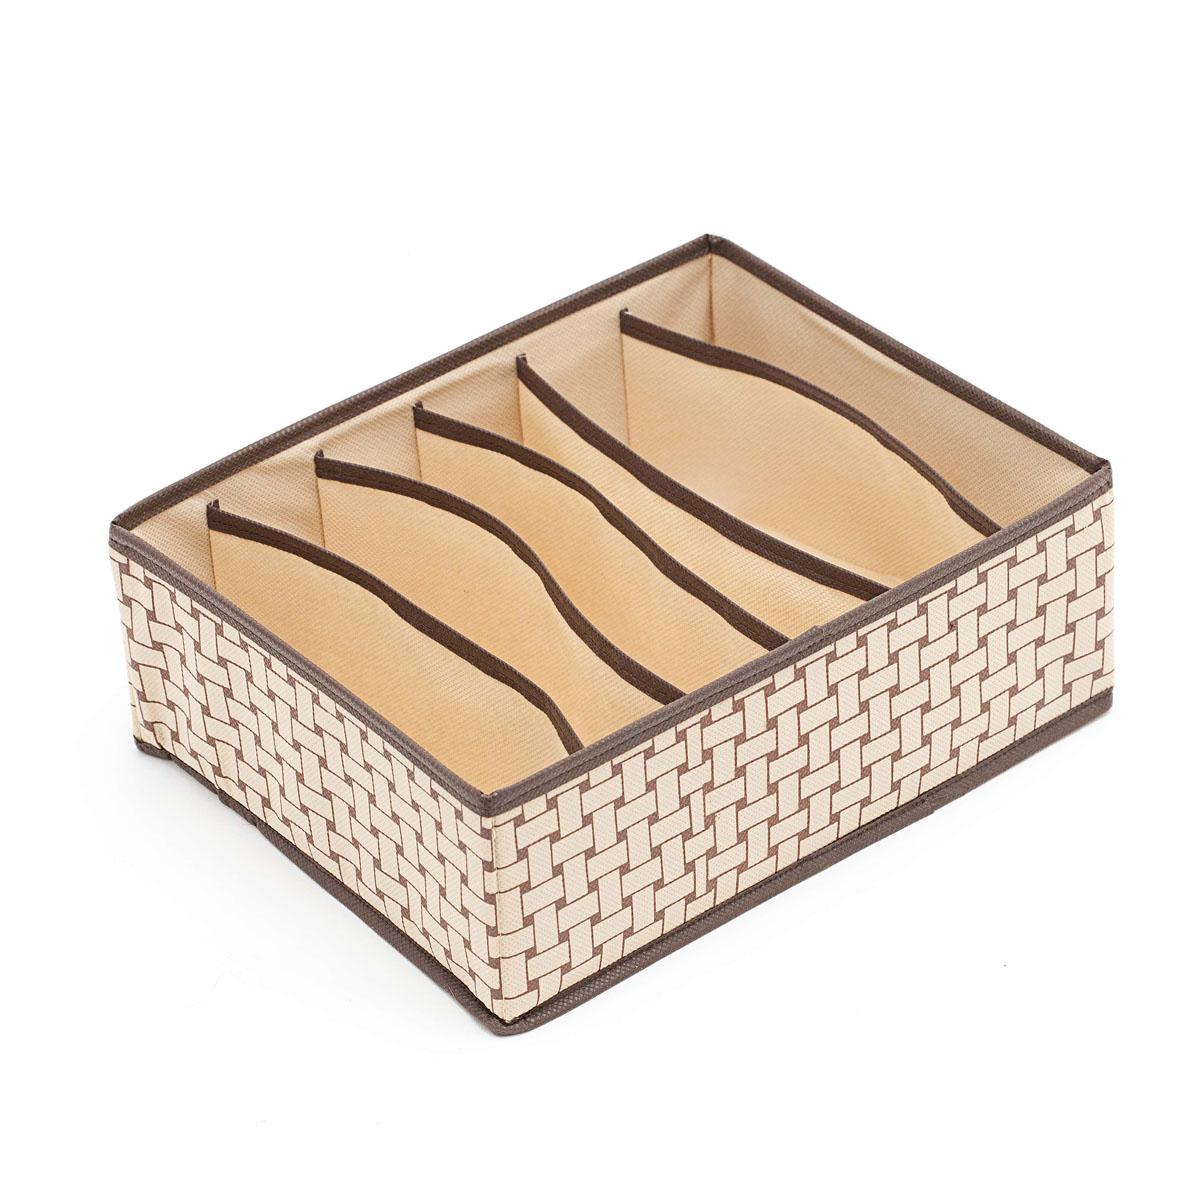 Органайзер для хранения Homsu Pletenka, 6 секций, 31 х 24 х 11 смHOM-162Компактный органайзер Homsu Pletenka изготовлен из высококачественного полиэстера, который обеспечивает естественную вентиляцию. Материал позволяет воздуху свободно проникать внутрь, но не пропускает пыль. Органайзер отлично держит форму, благодаря вставкам из плотного картона. Изделие имеет 6 секций для хранения нижнего белья, колготок, носков и другой одежды. Такой органайзер позволит вам хранить вещи компактно и удобно.